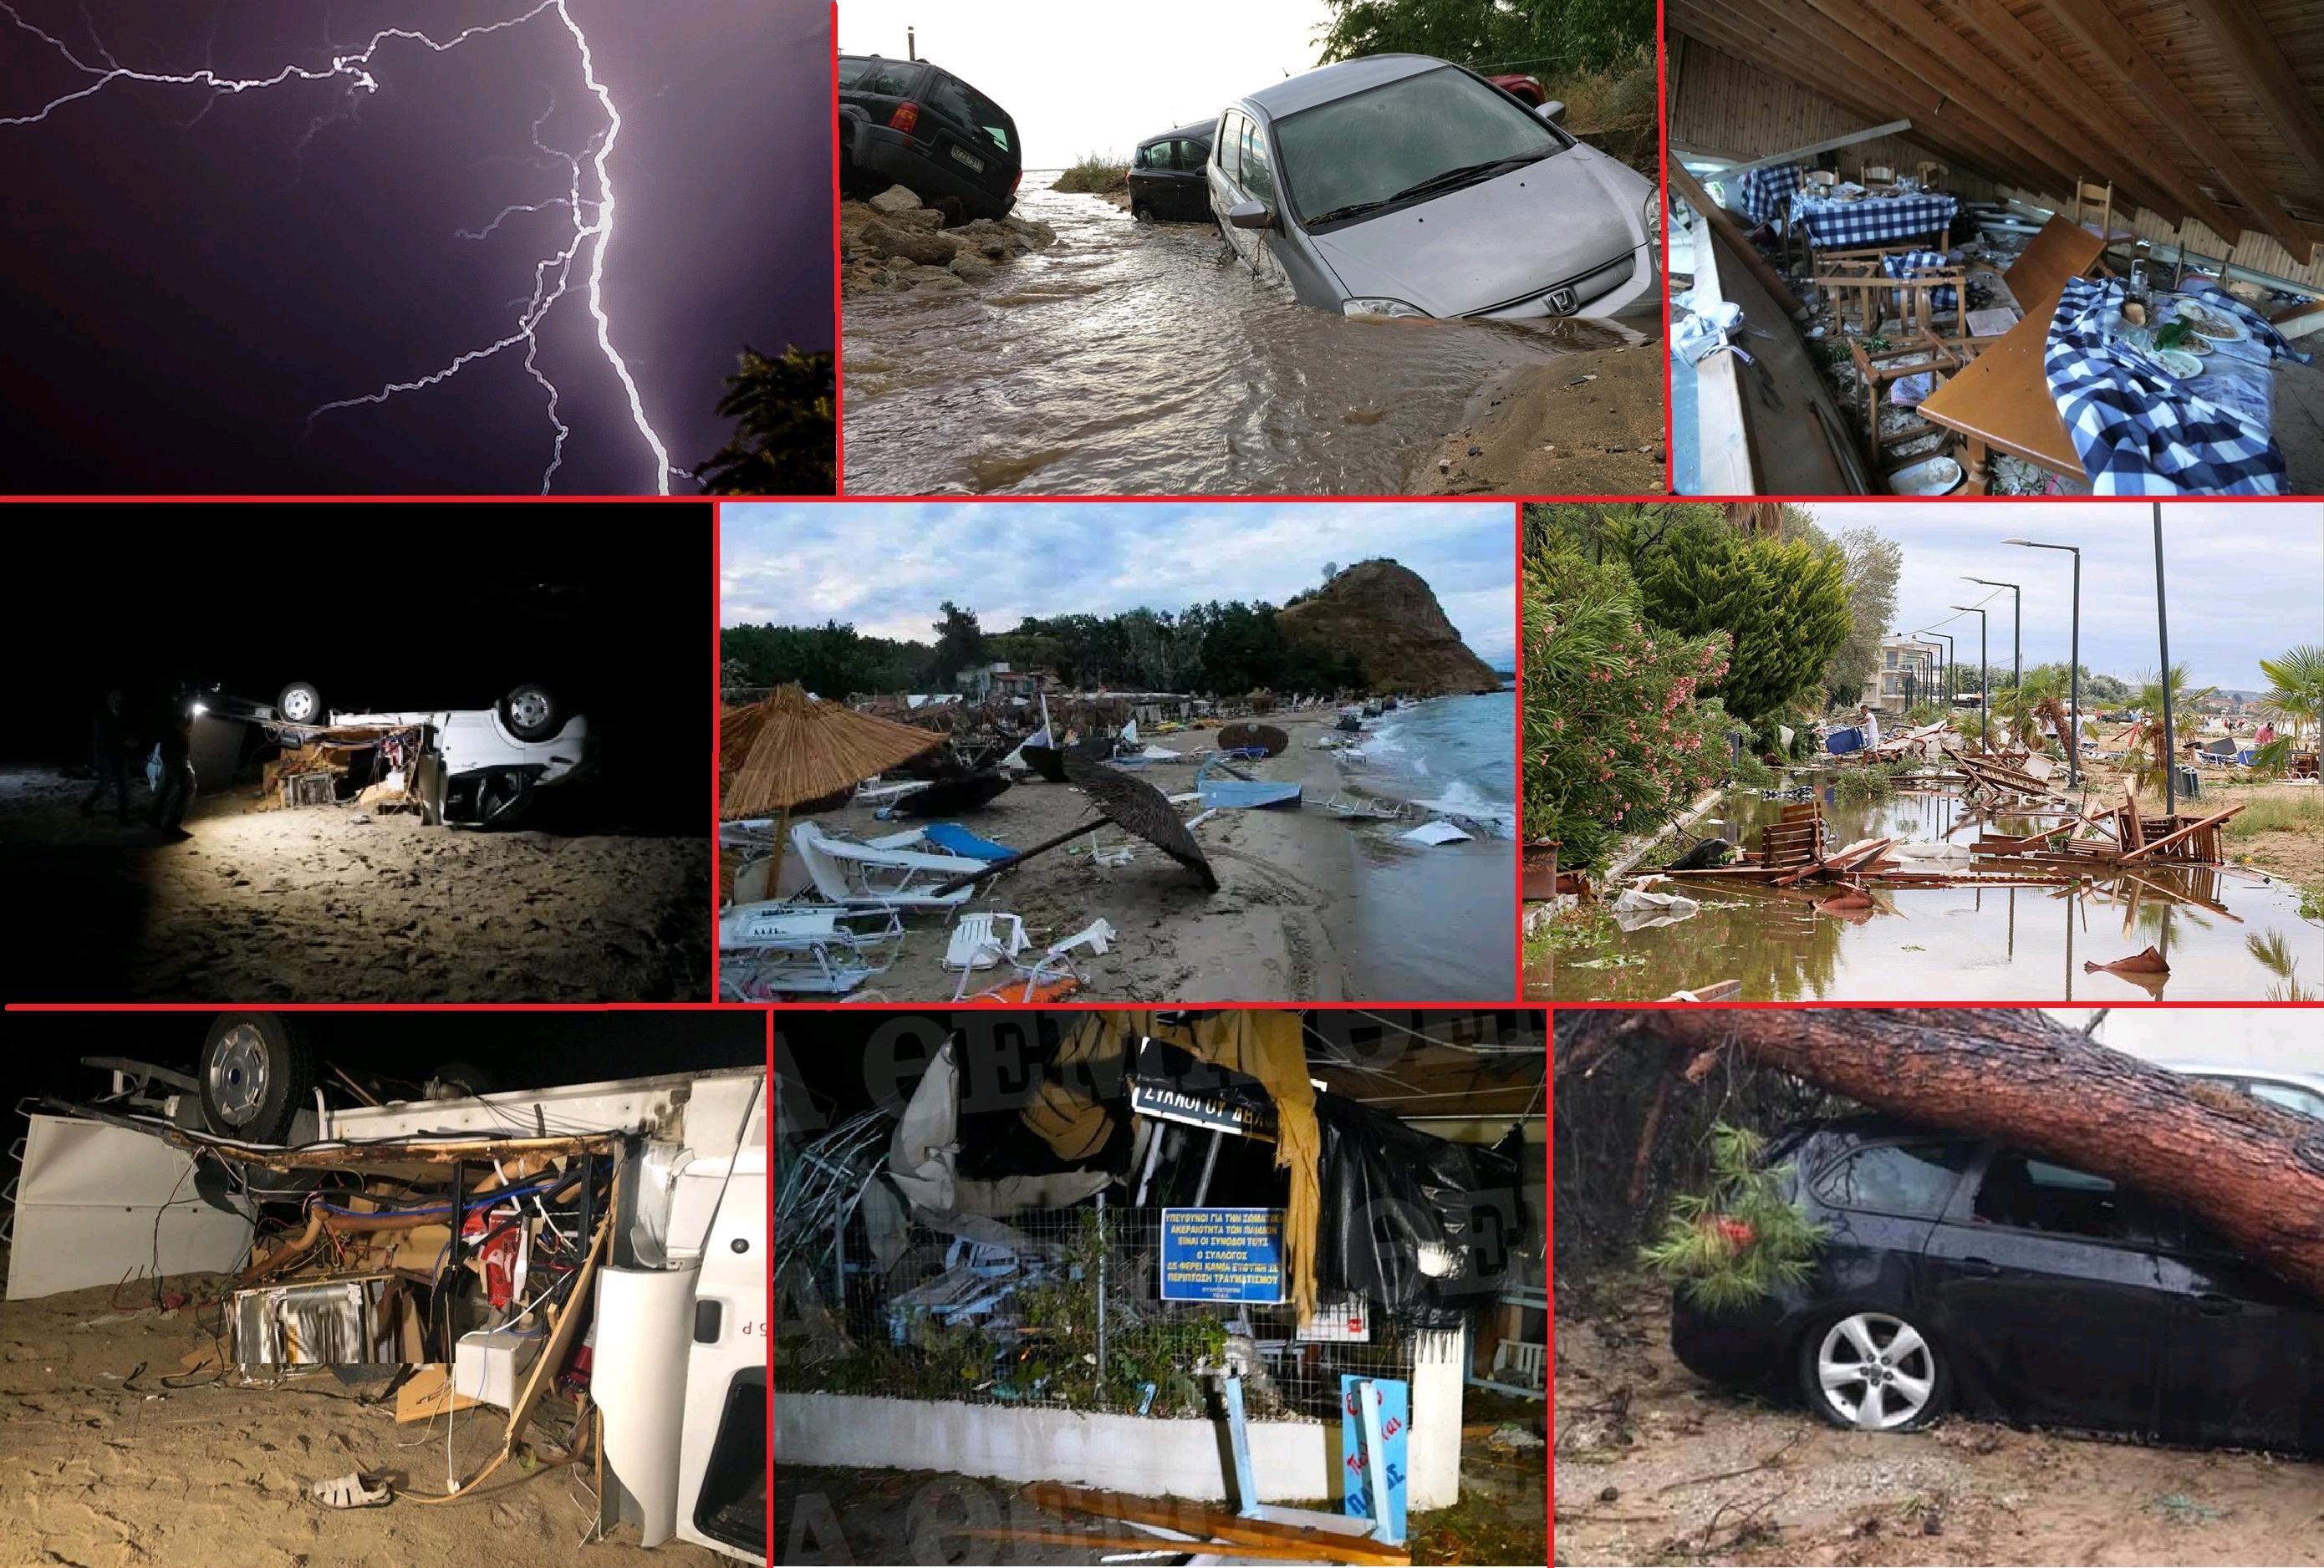 Άμεσα μέτρα αποκατάστασης των ζημιών και επούλωσης των πληγών από την θεομηνία στην Χαλκιδική